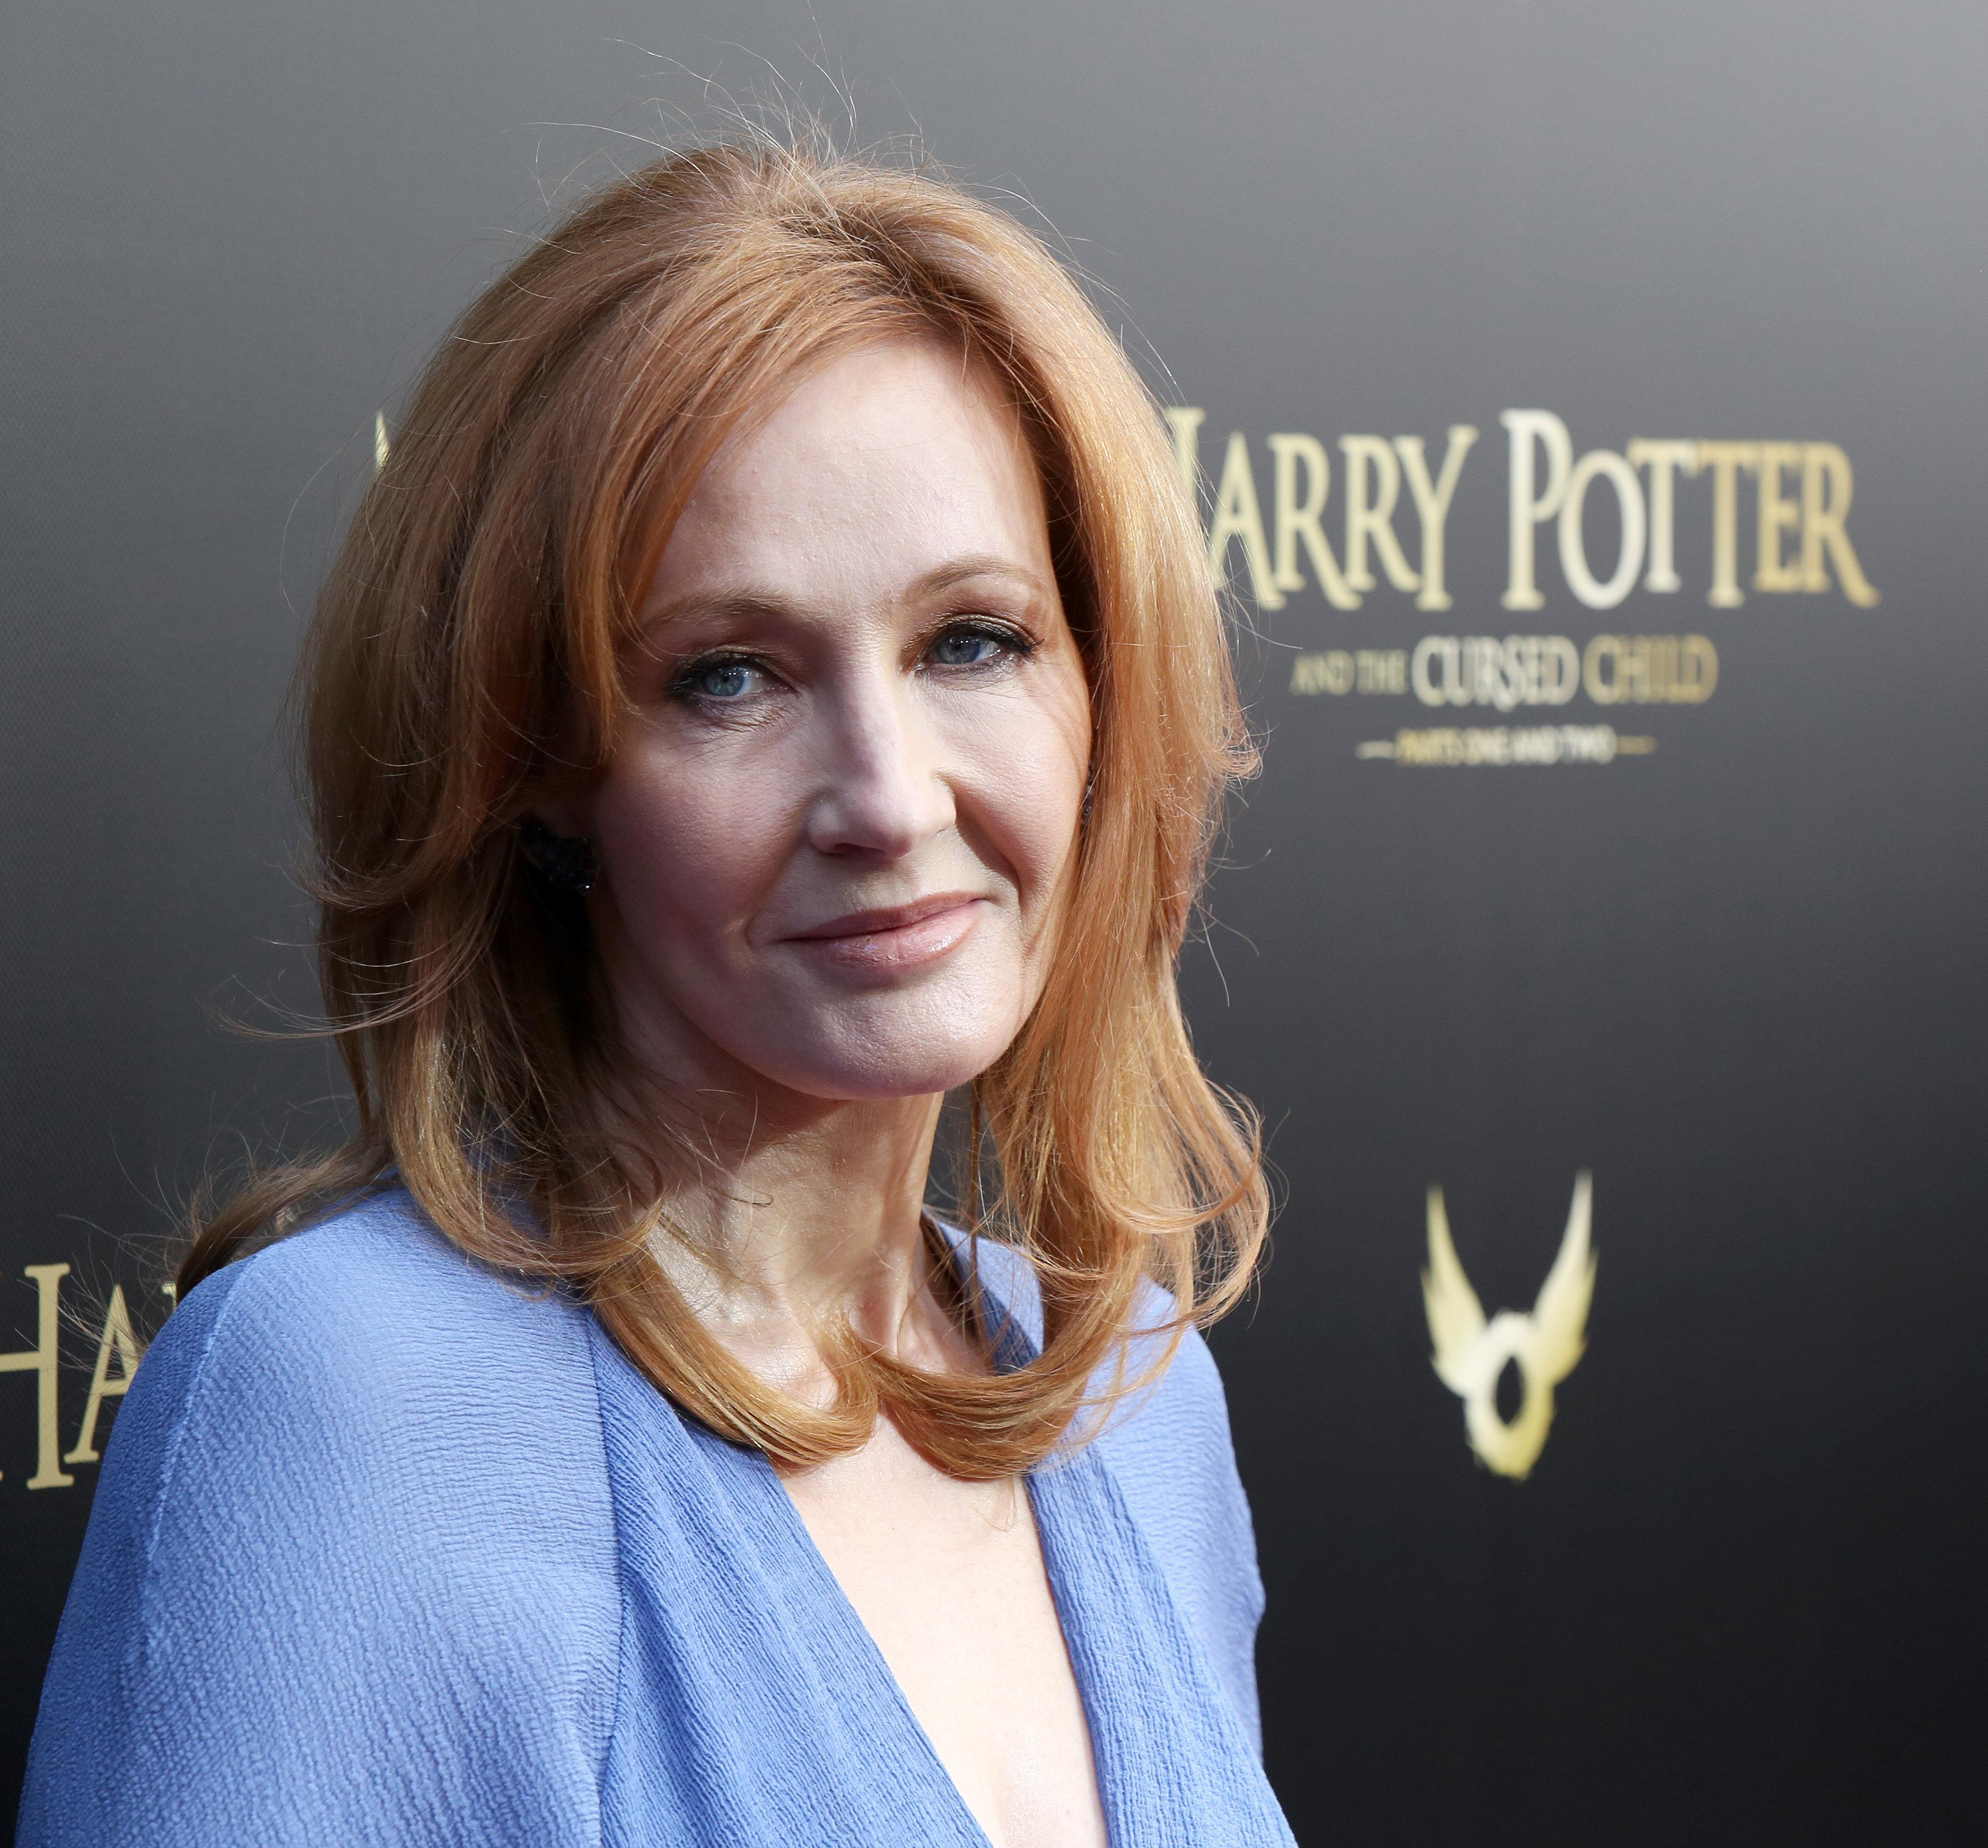 La reacción unánime de los fans de Harry Potter tras las palabras de J.K Rowling sobre la sexualidad de